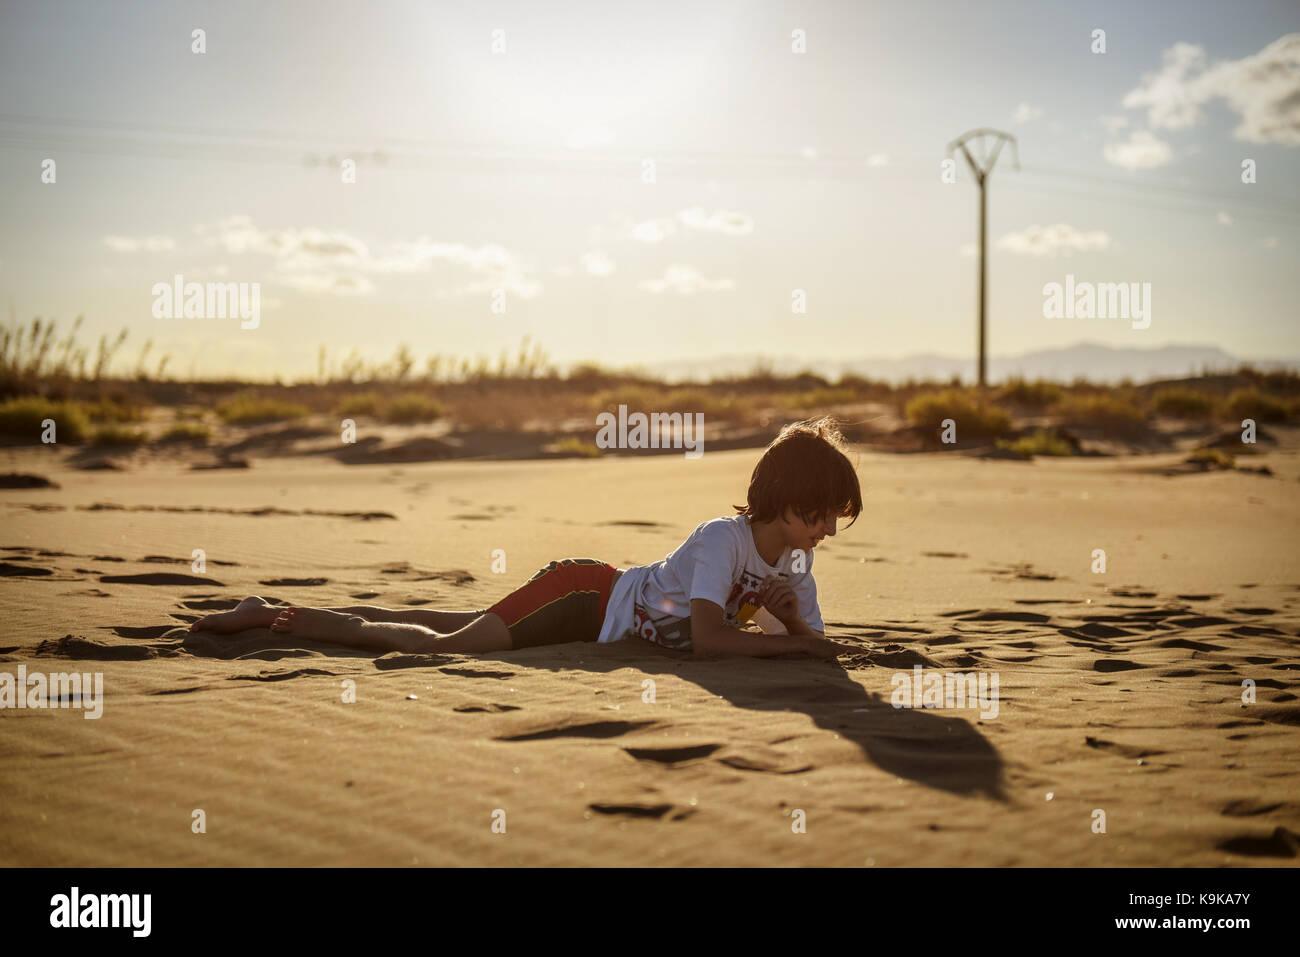 Chico relajado en la arena al atardecer Imagen De Stock